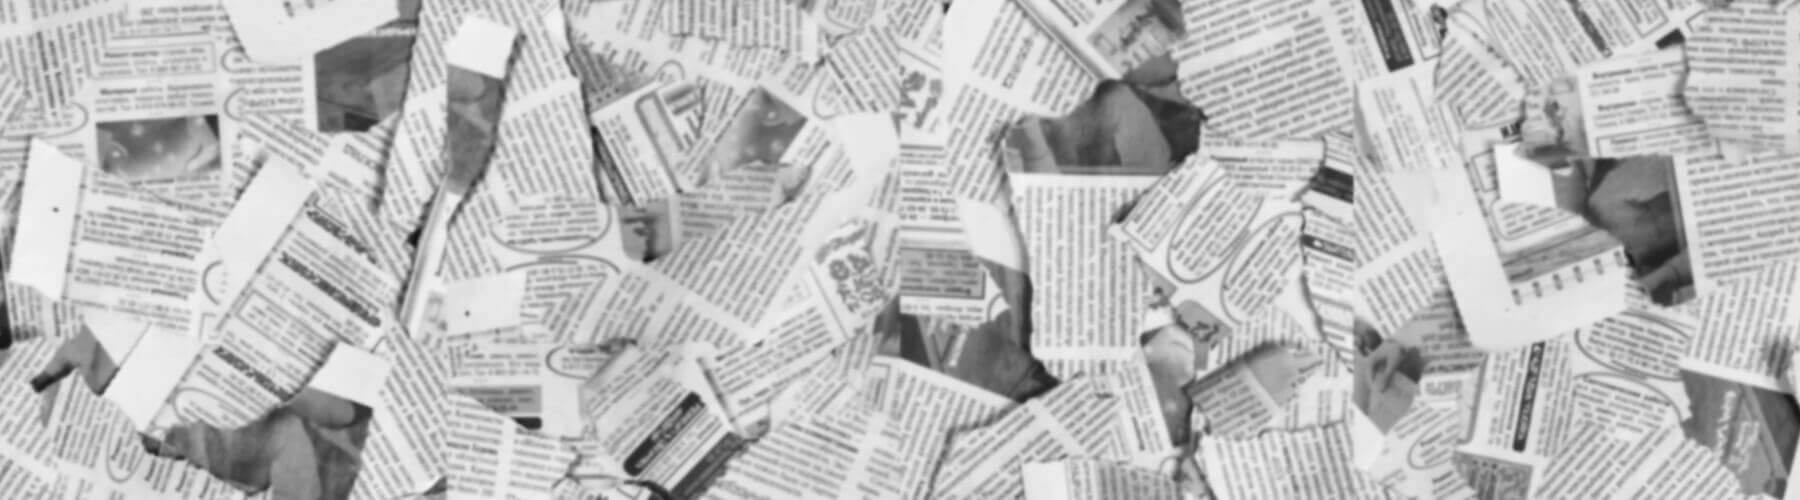 מן העיתונות עורך דין חדלות פירעון רונן מטלון